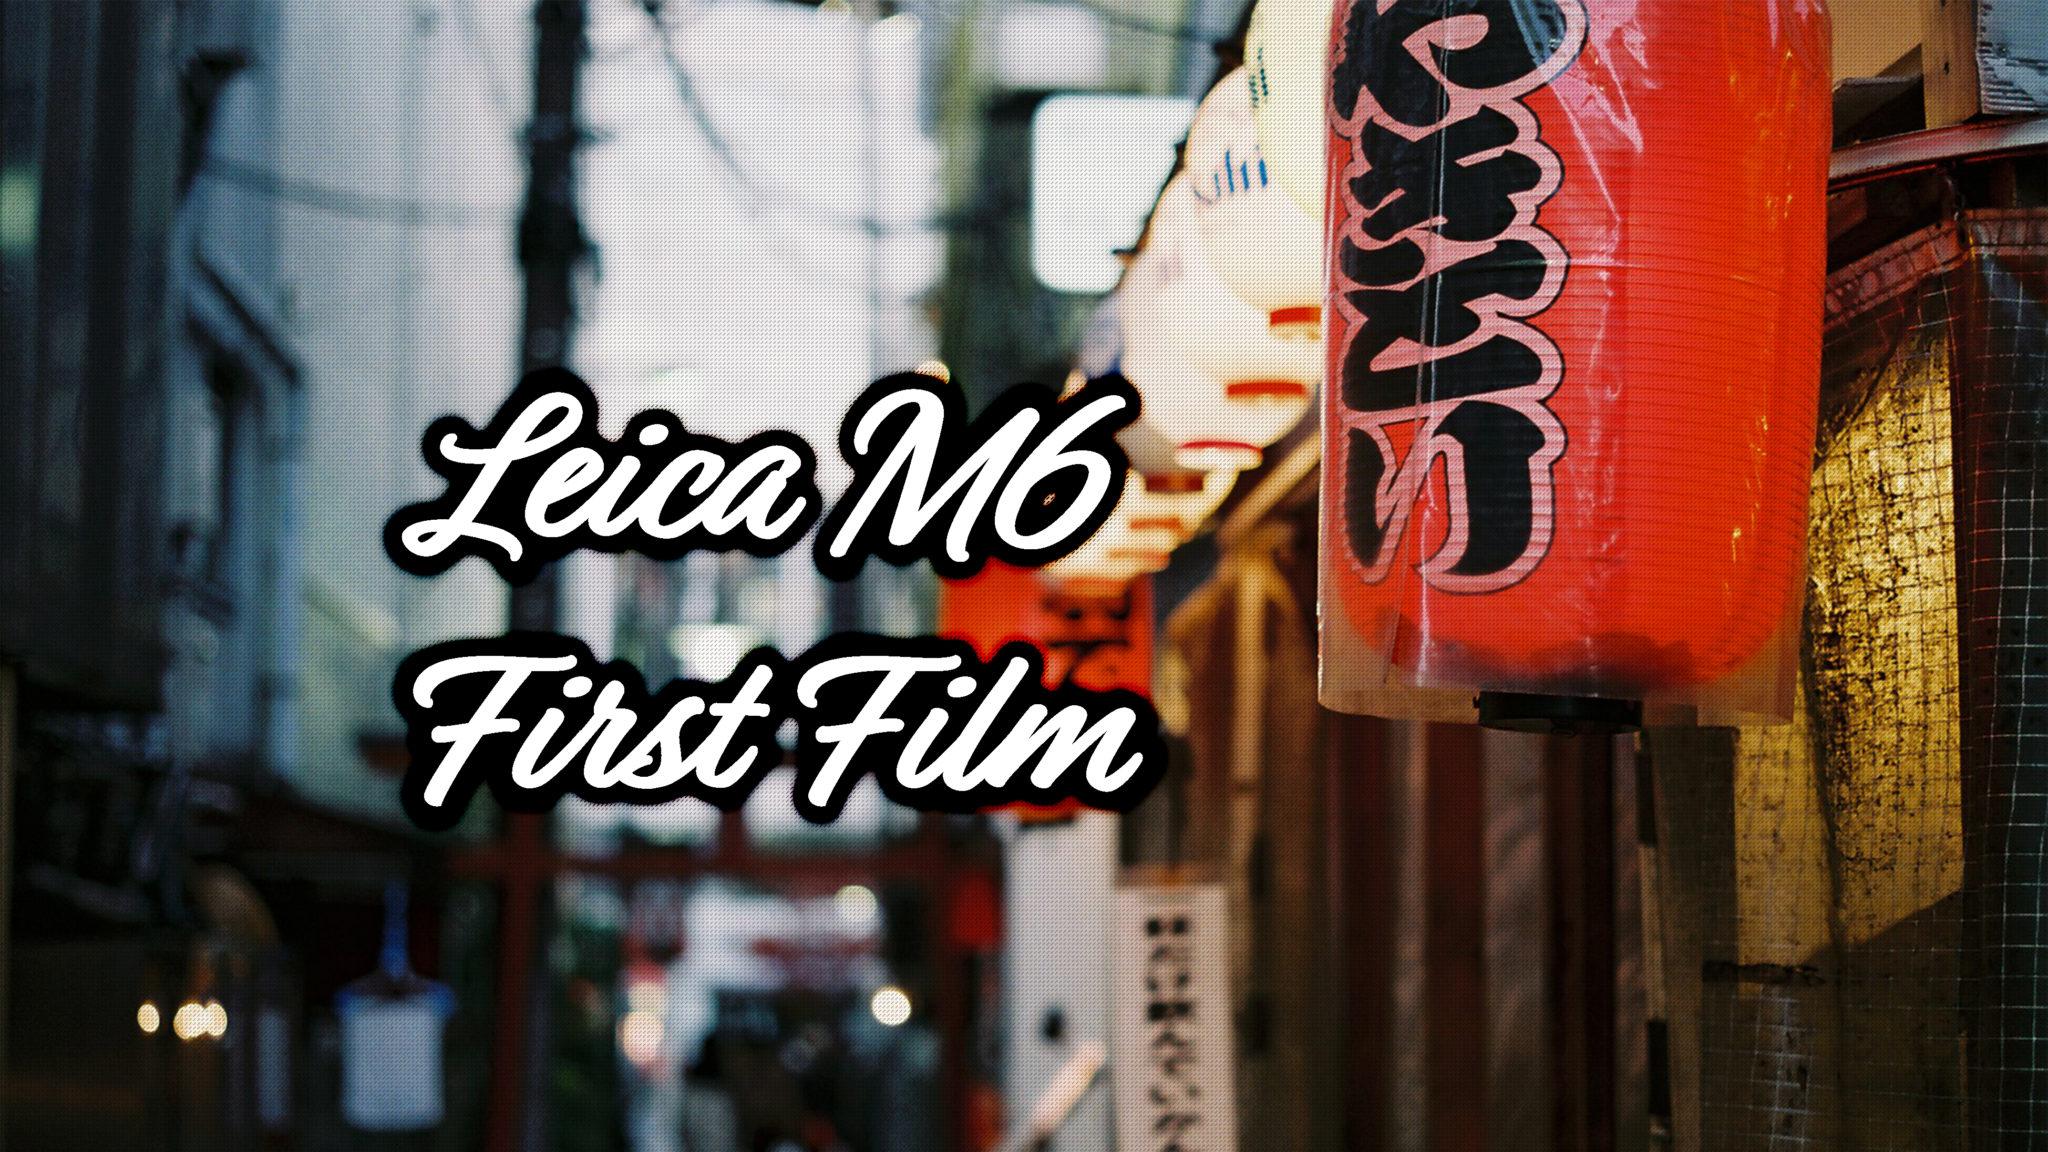 【Leica M6】記念すべき1本目のフィルムを現像してきた話